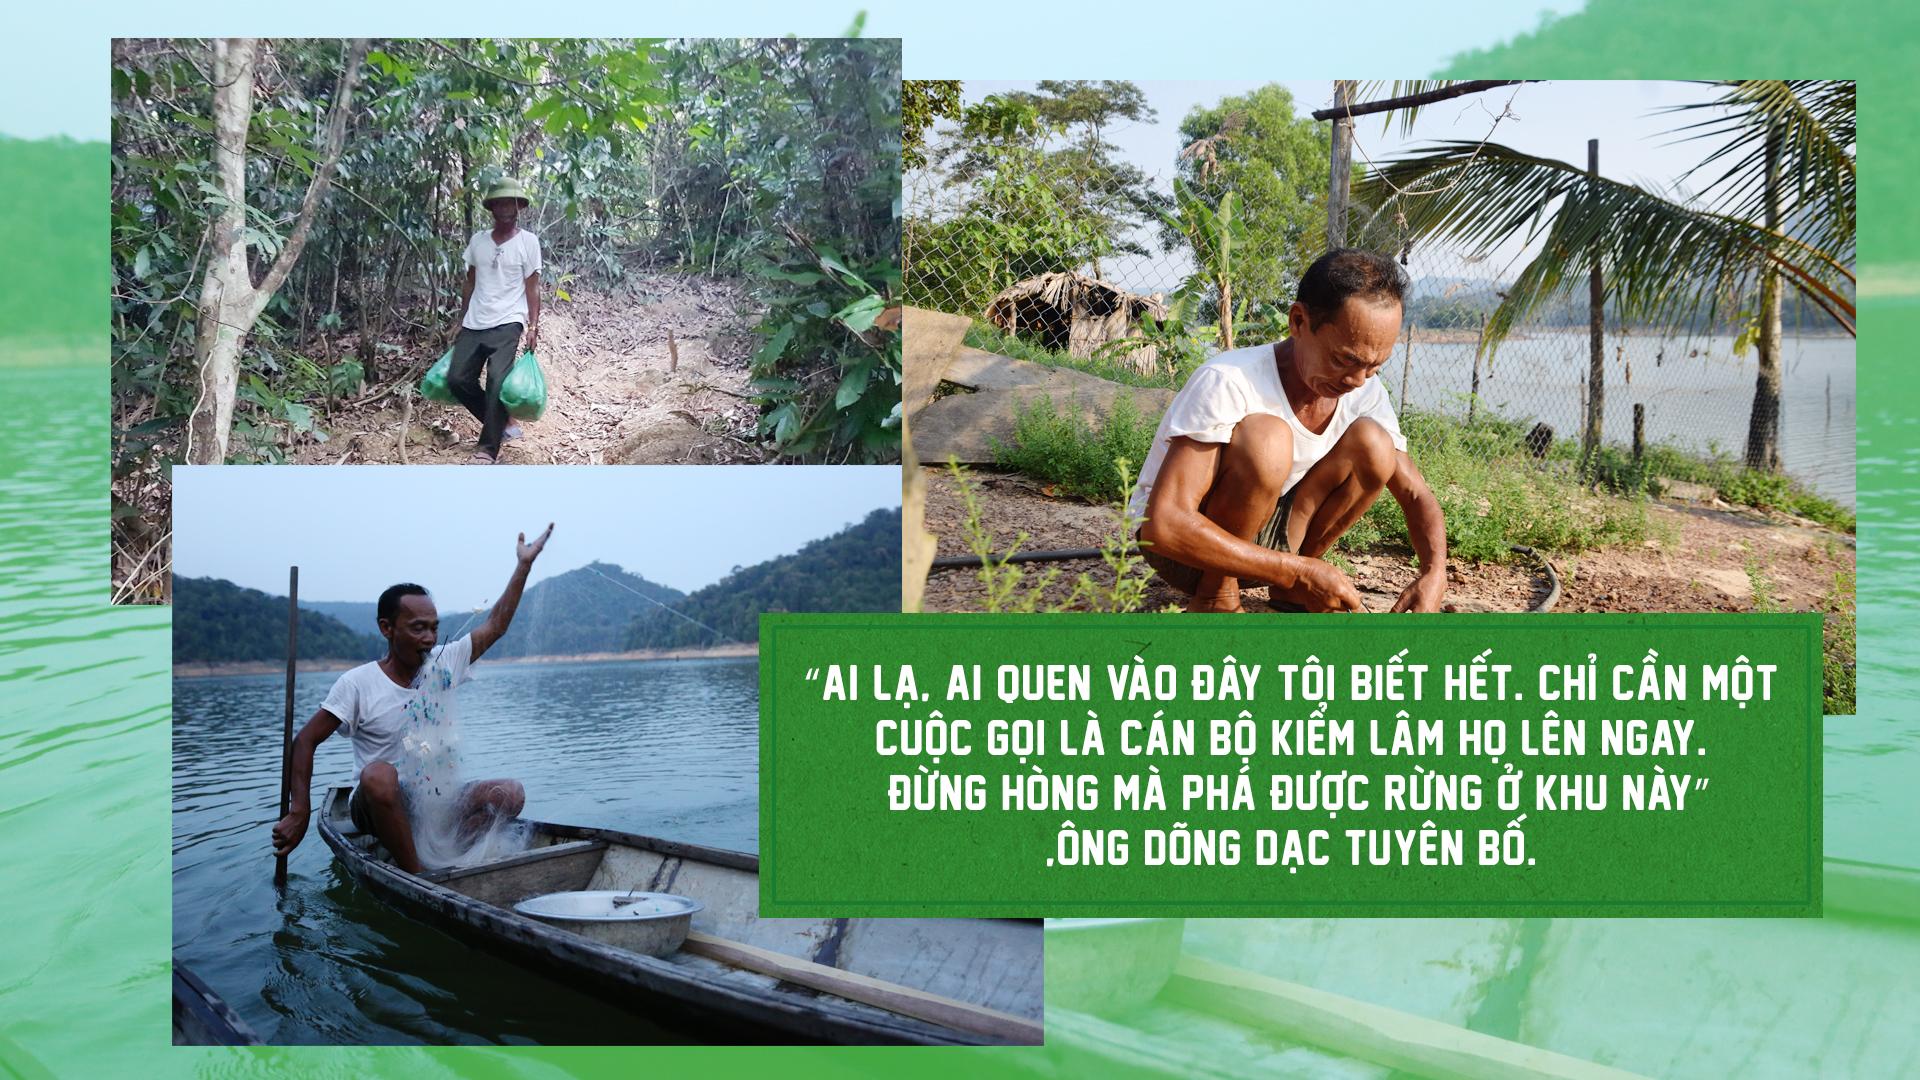 Hai 'dị nhân' 17 năm sống giữa lòng hồ bảo vệ rừng - ảnh 14